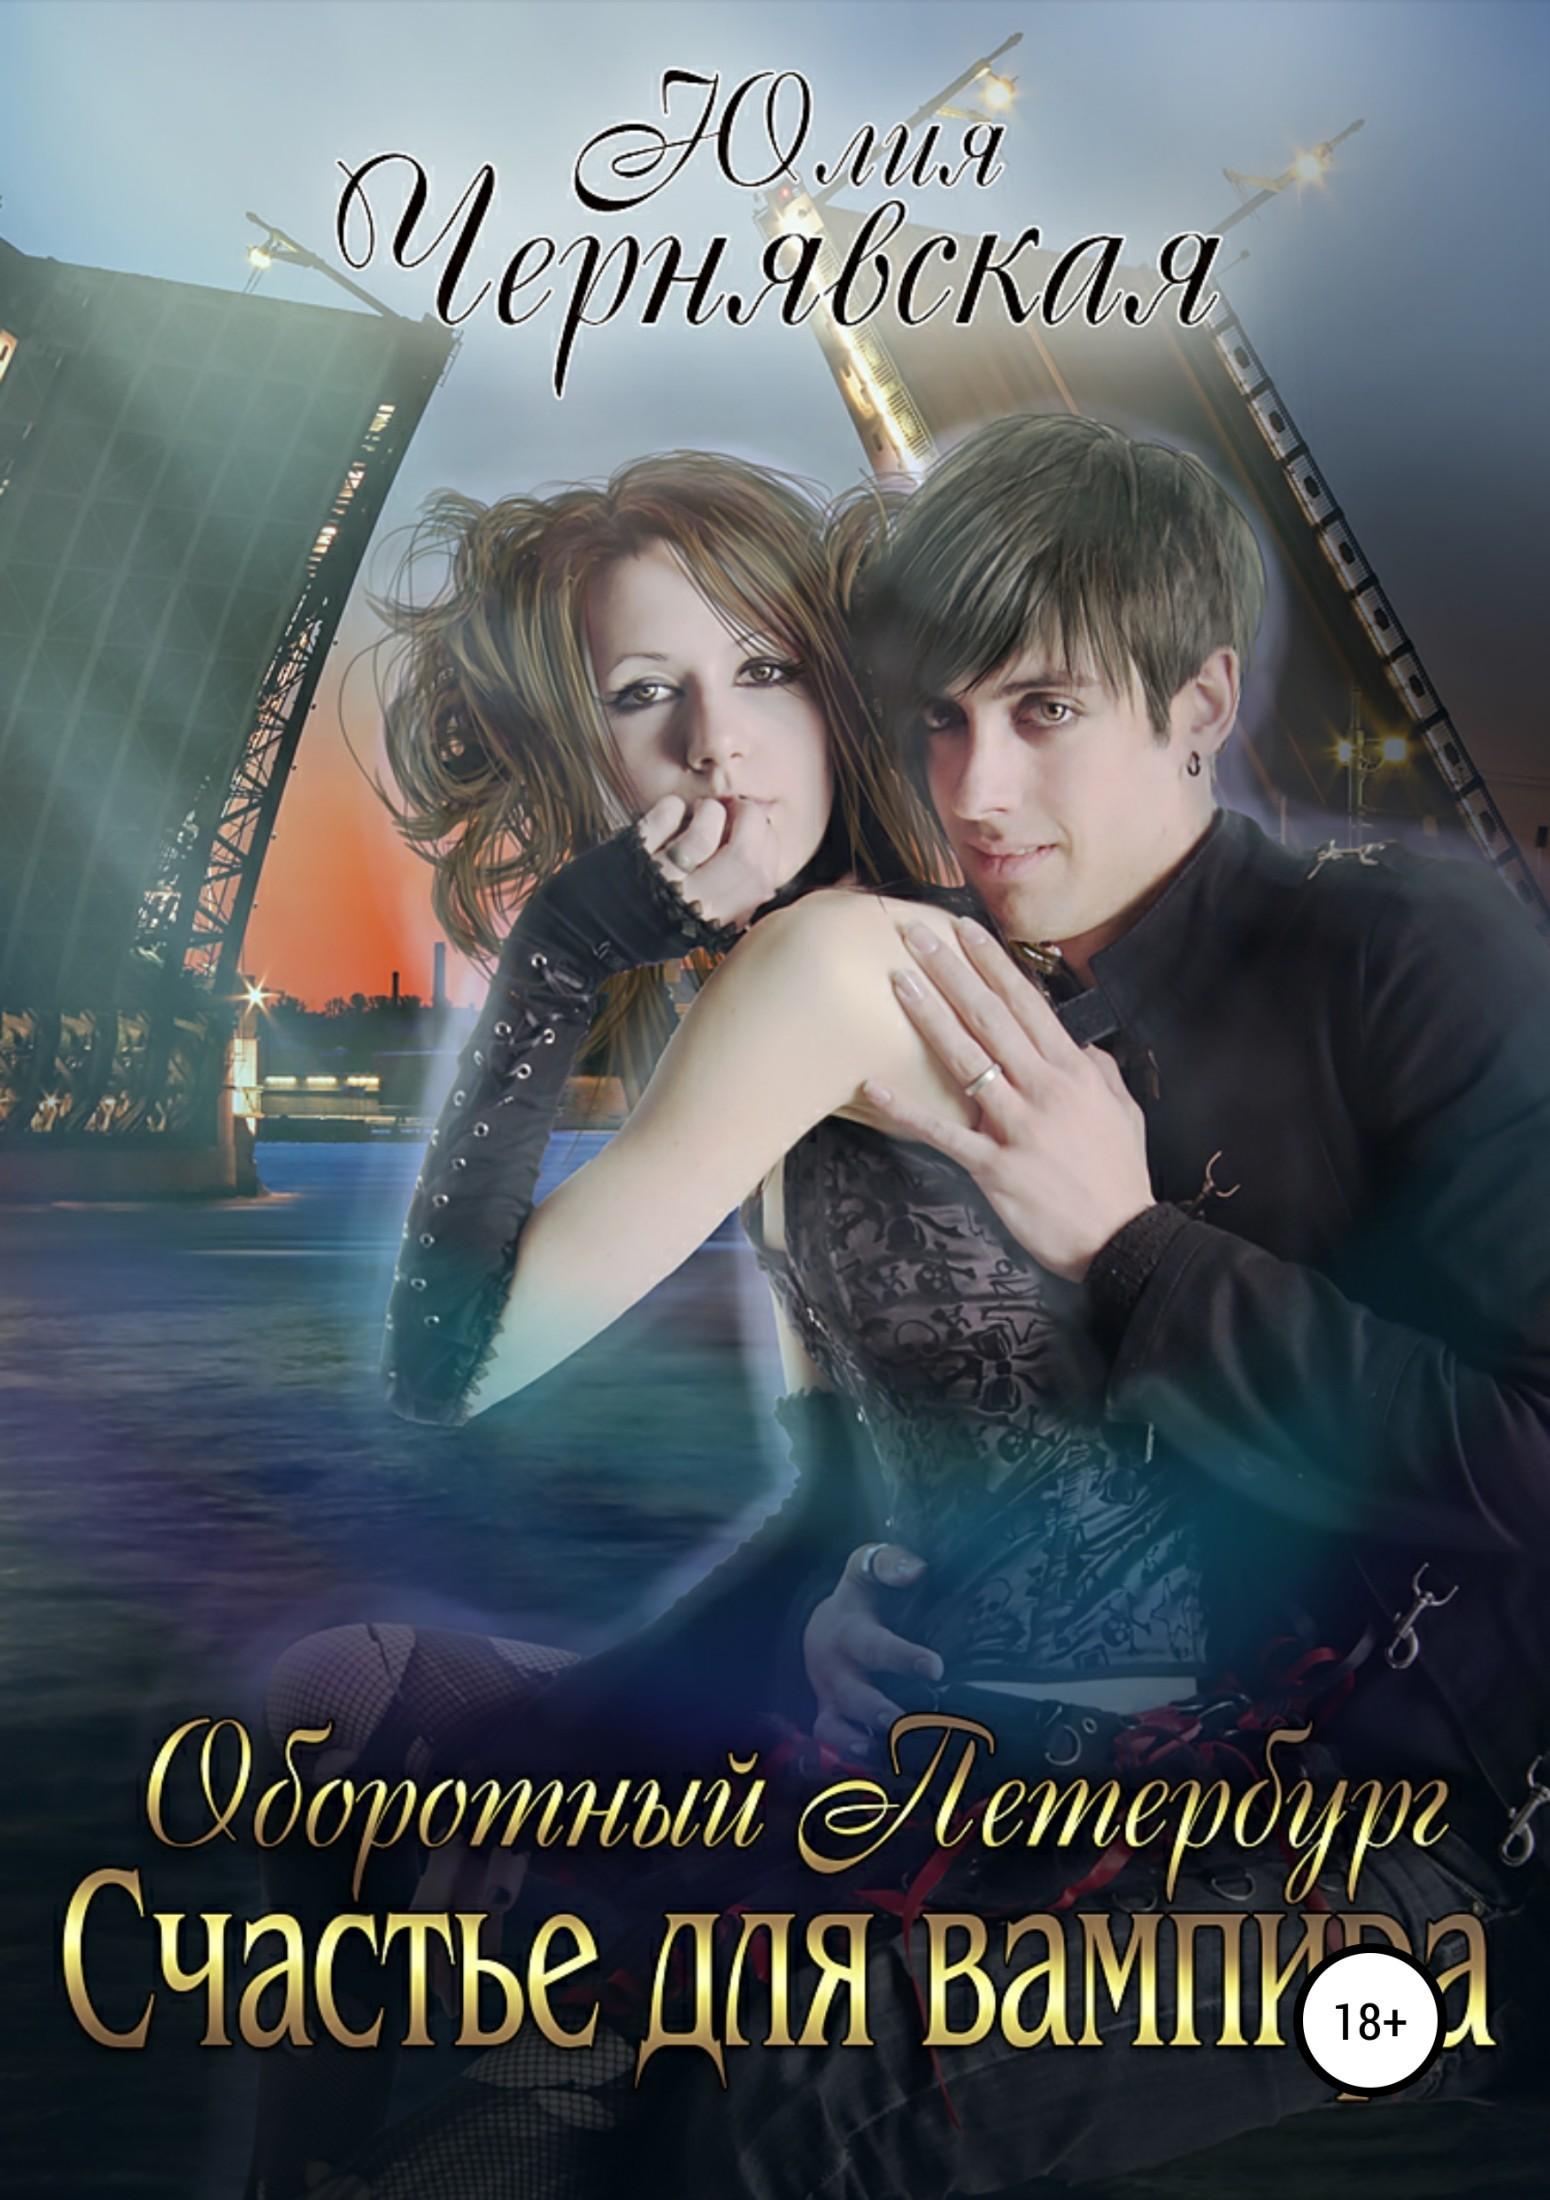 Оборотный Петербург 2. Счастье для вампира